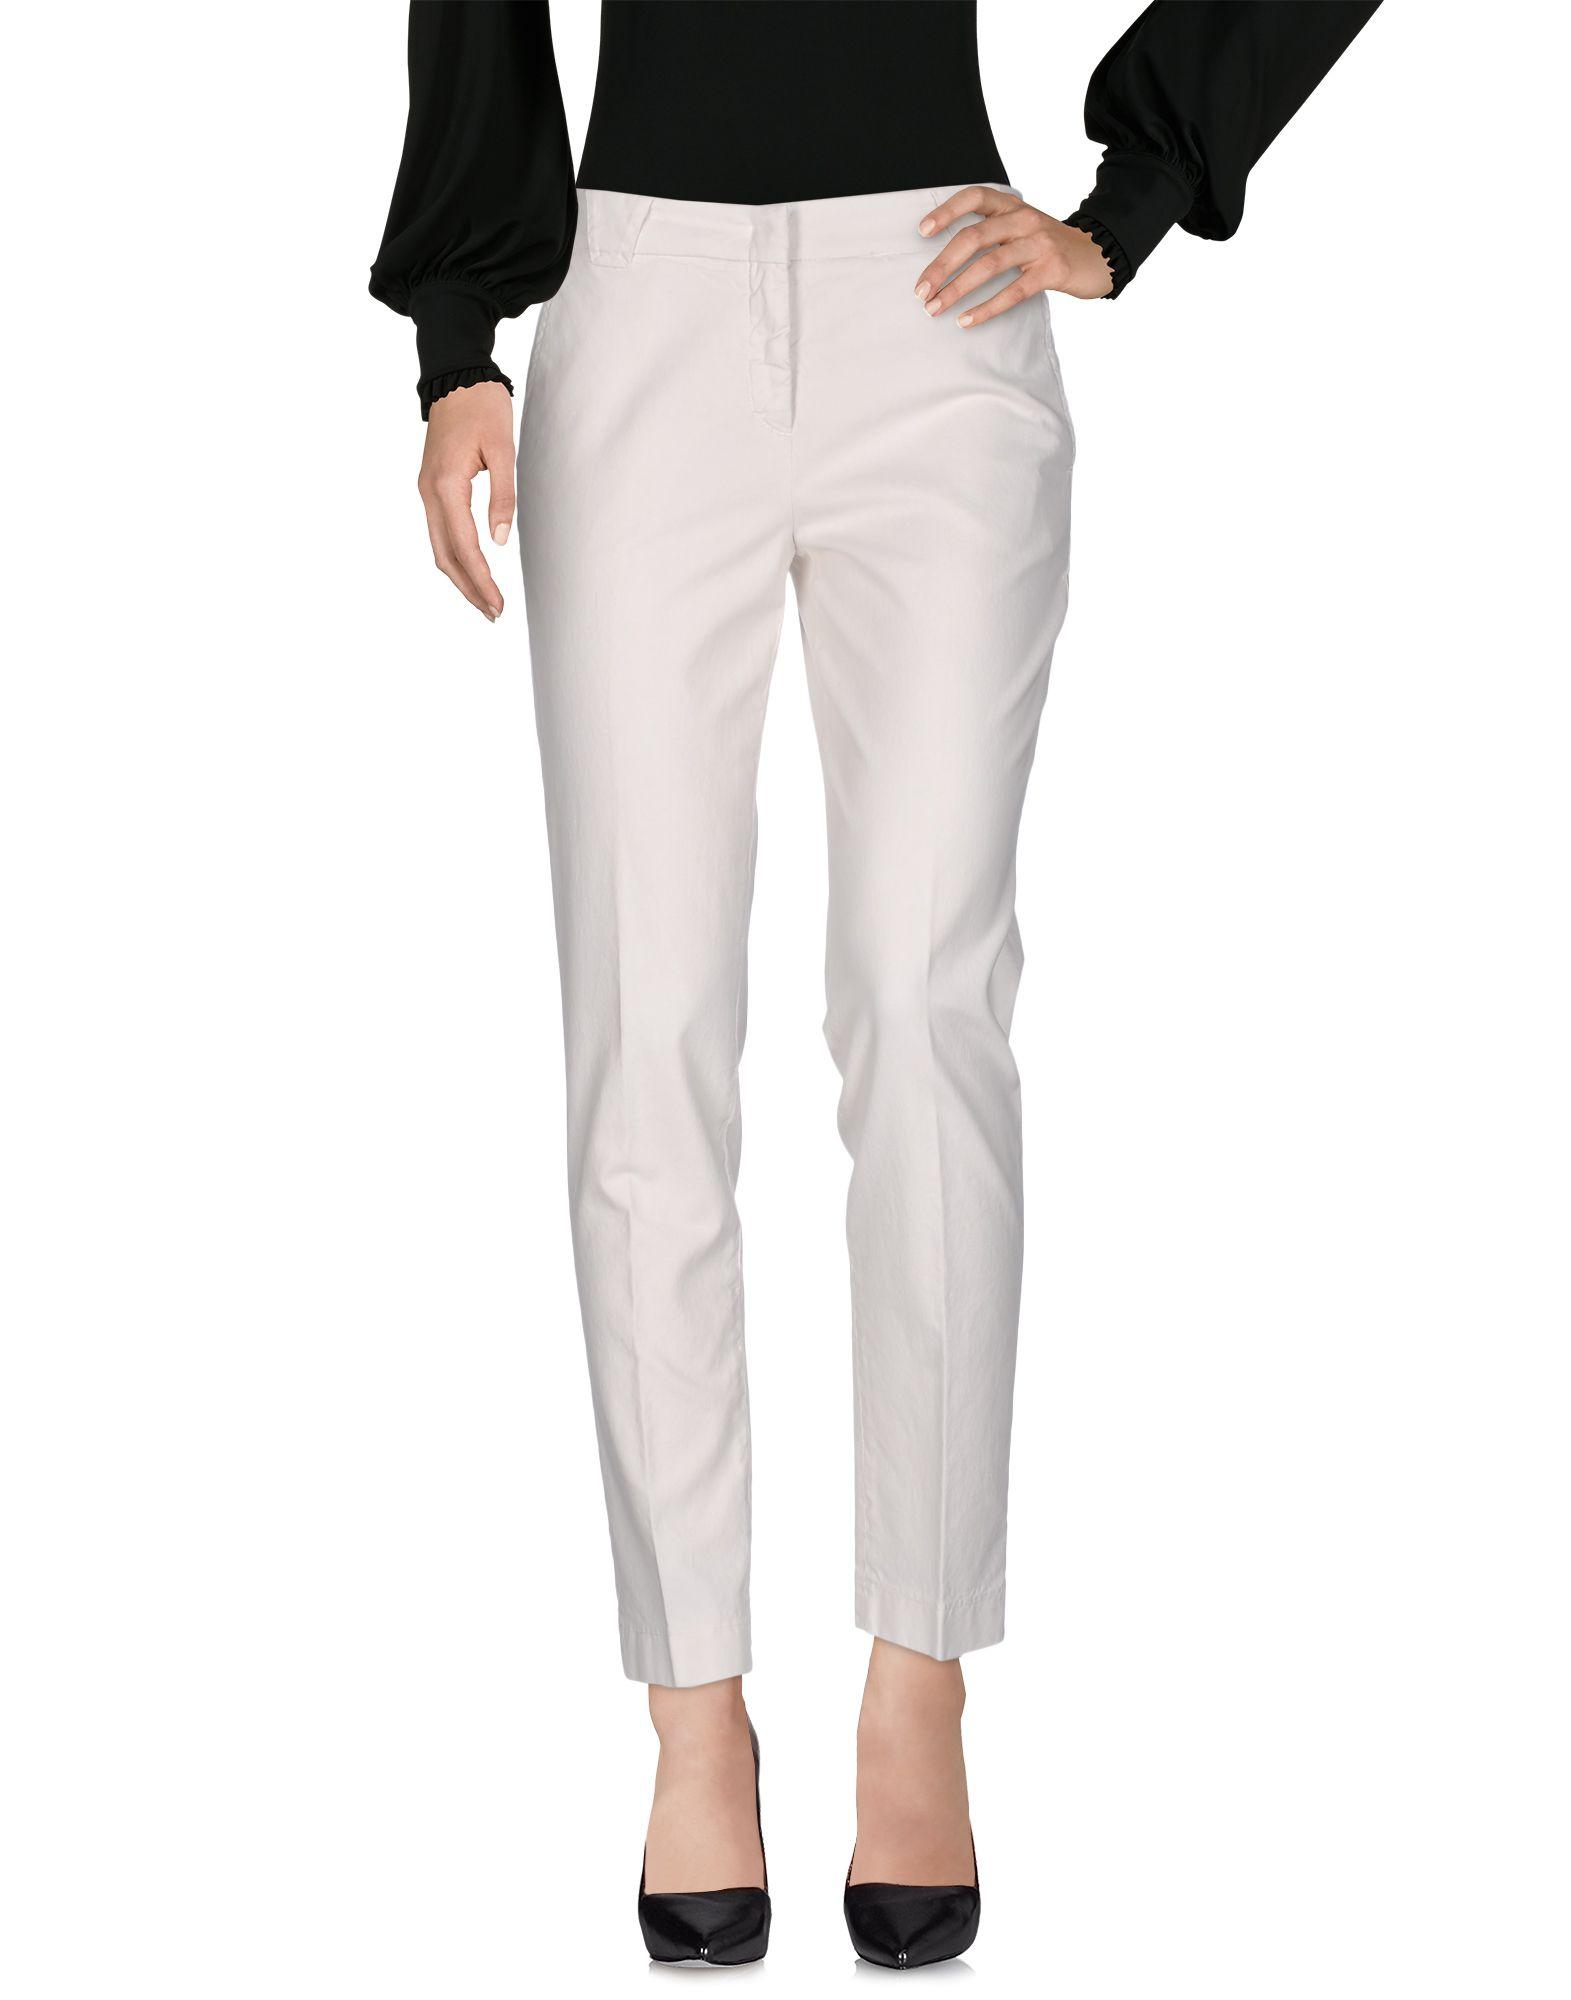 INCOTEX Damen Hose Farbe Elfenbein Größe 7 jetztbilligerkaufen